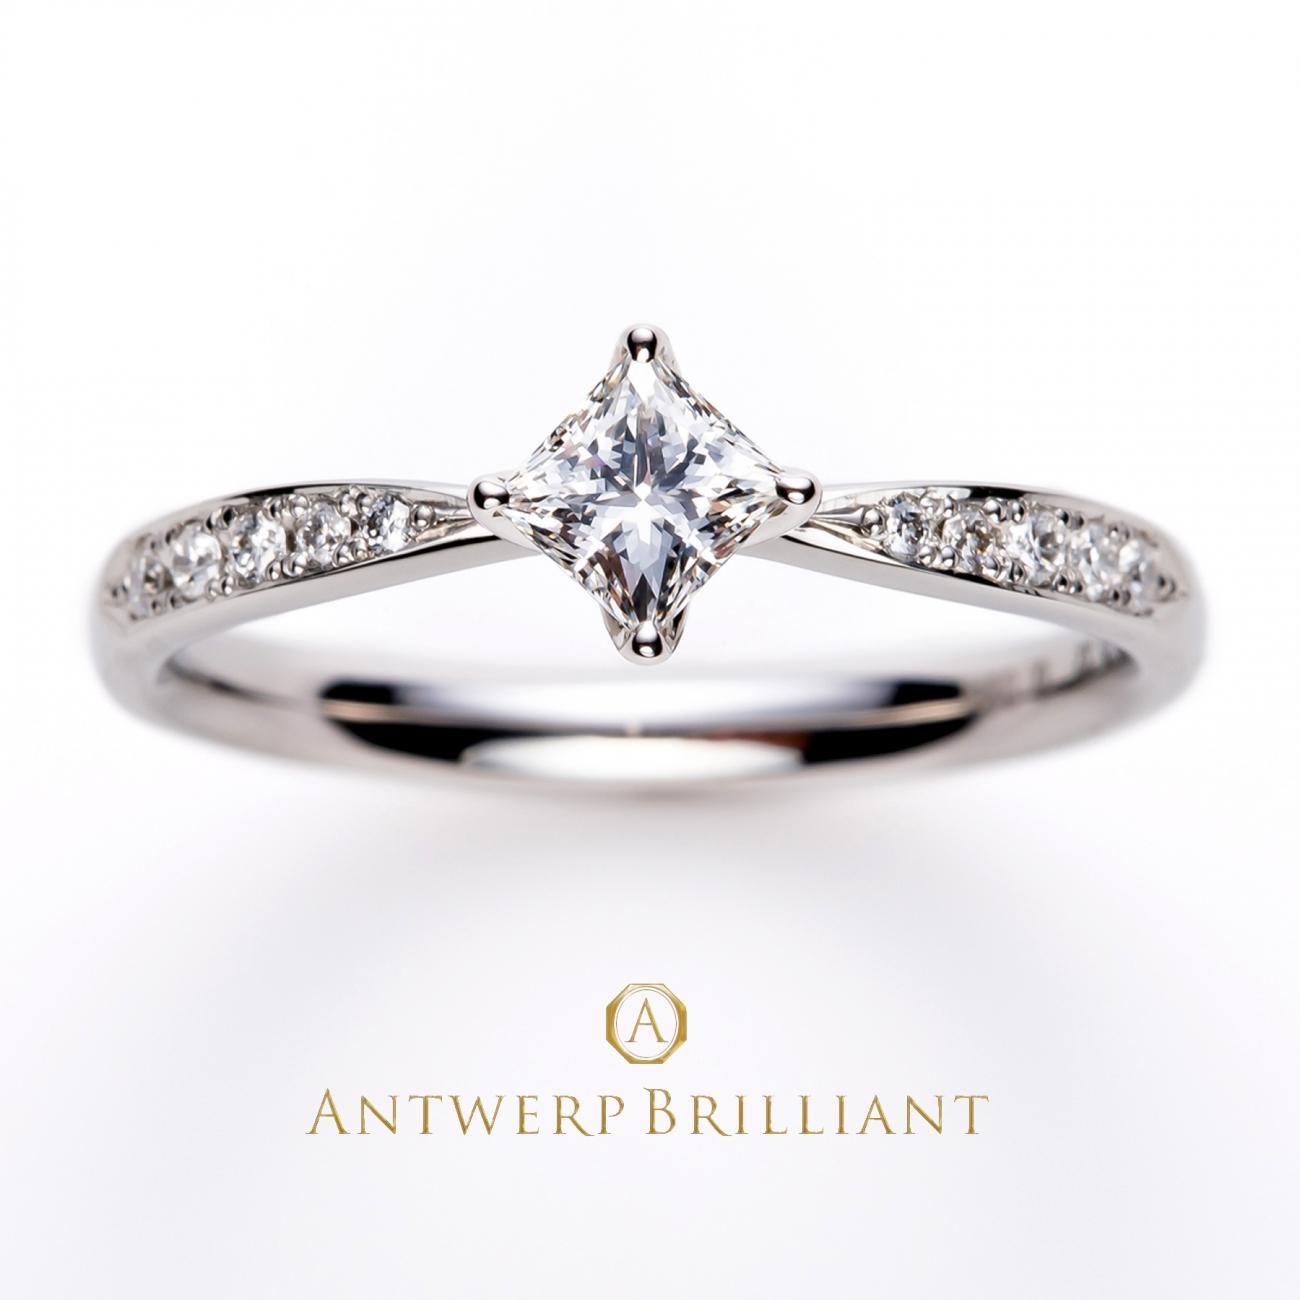 星モチーフの婚約指輪きらきら輝くエンゲージリングをさがすならアントワープブリリアントのシリウス